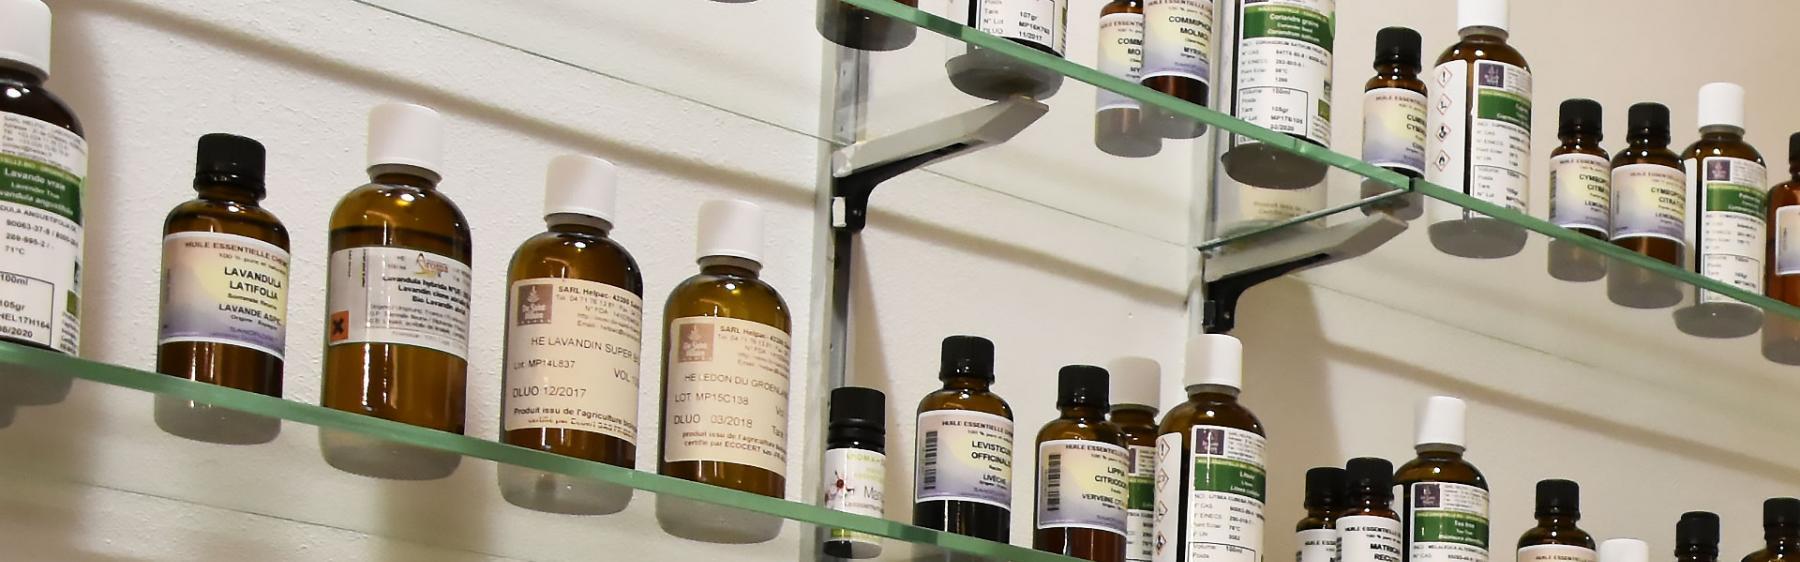 Pharmacie de Roches SA - Eaux-Vives - Genève - Préparations